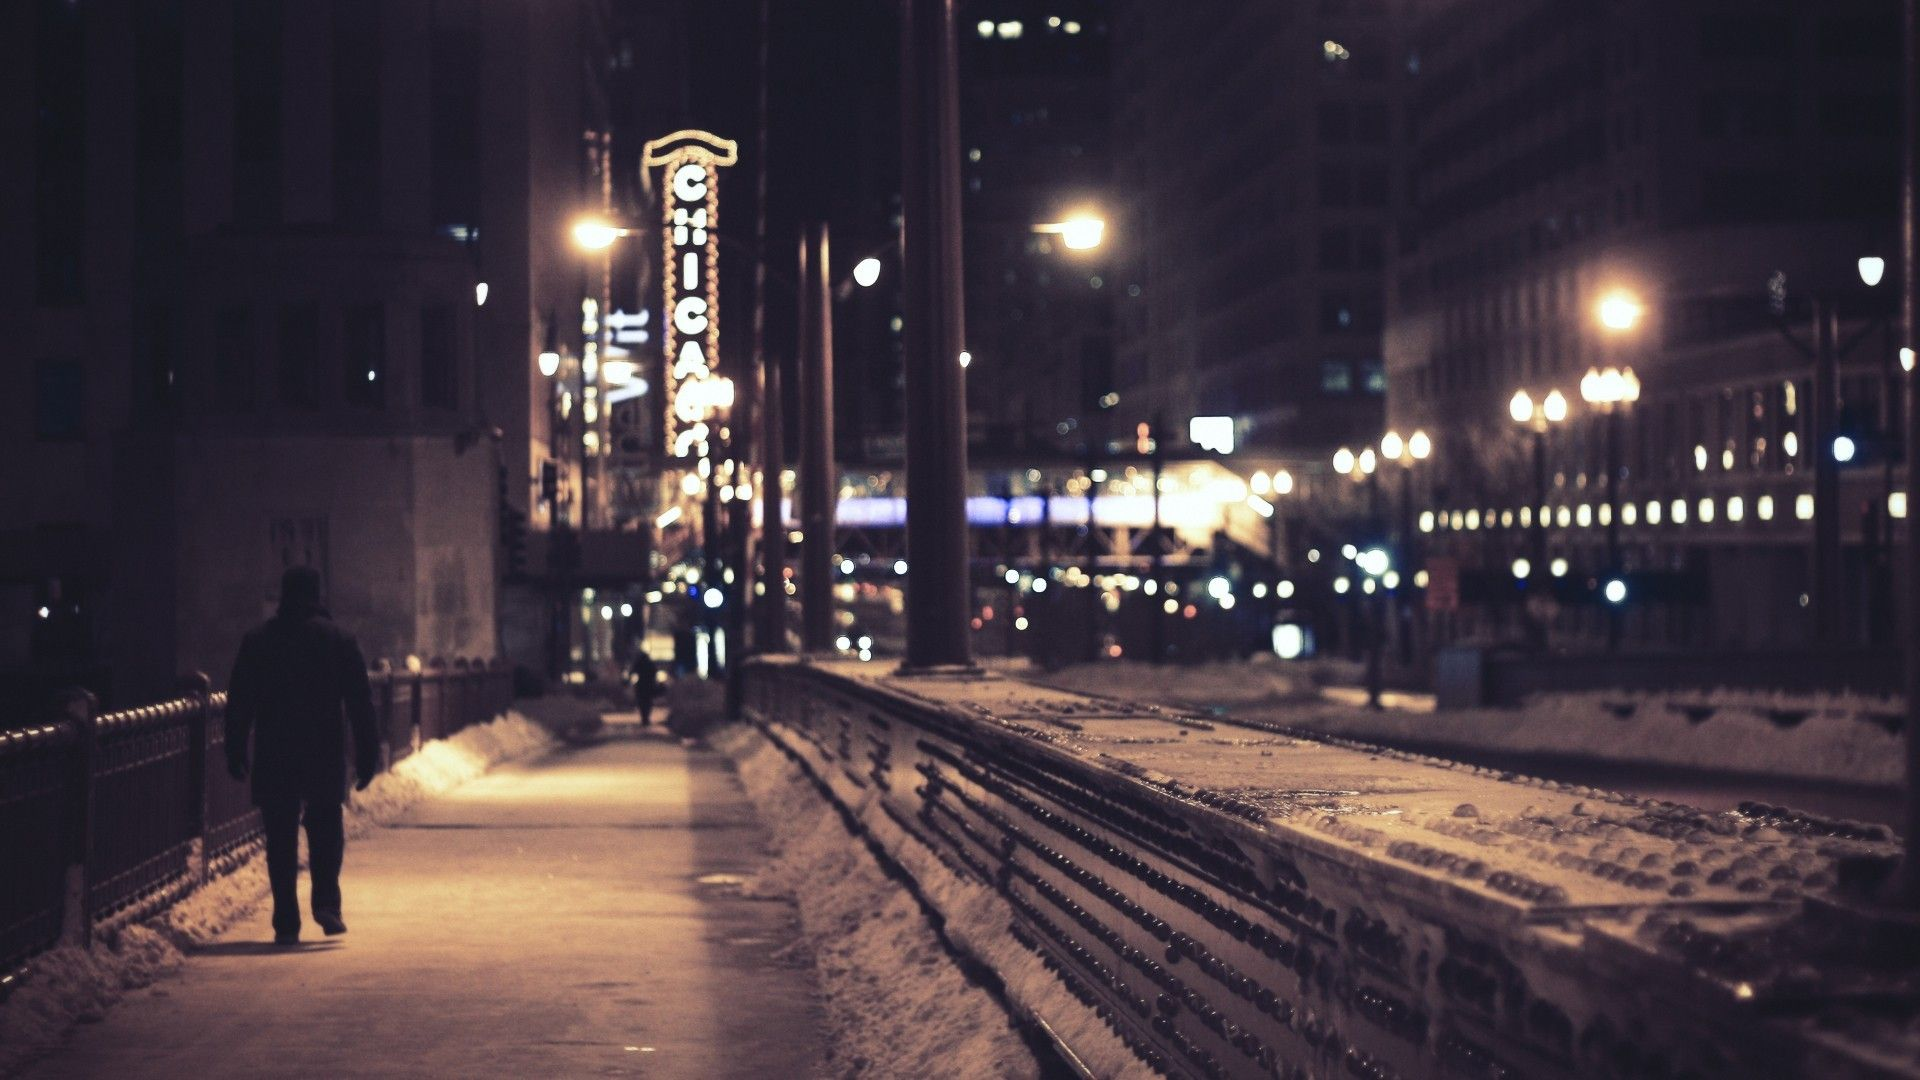 Urban City Night Chicago Cityscape Wallpaper Winter